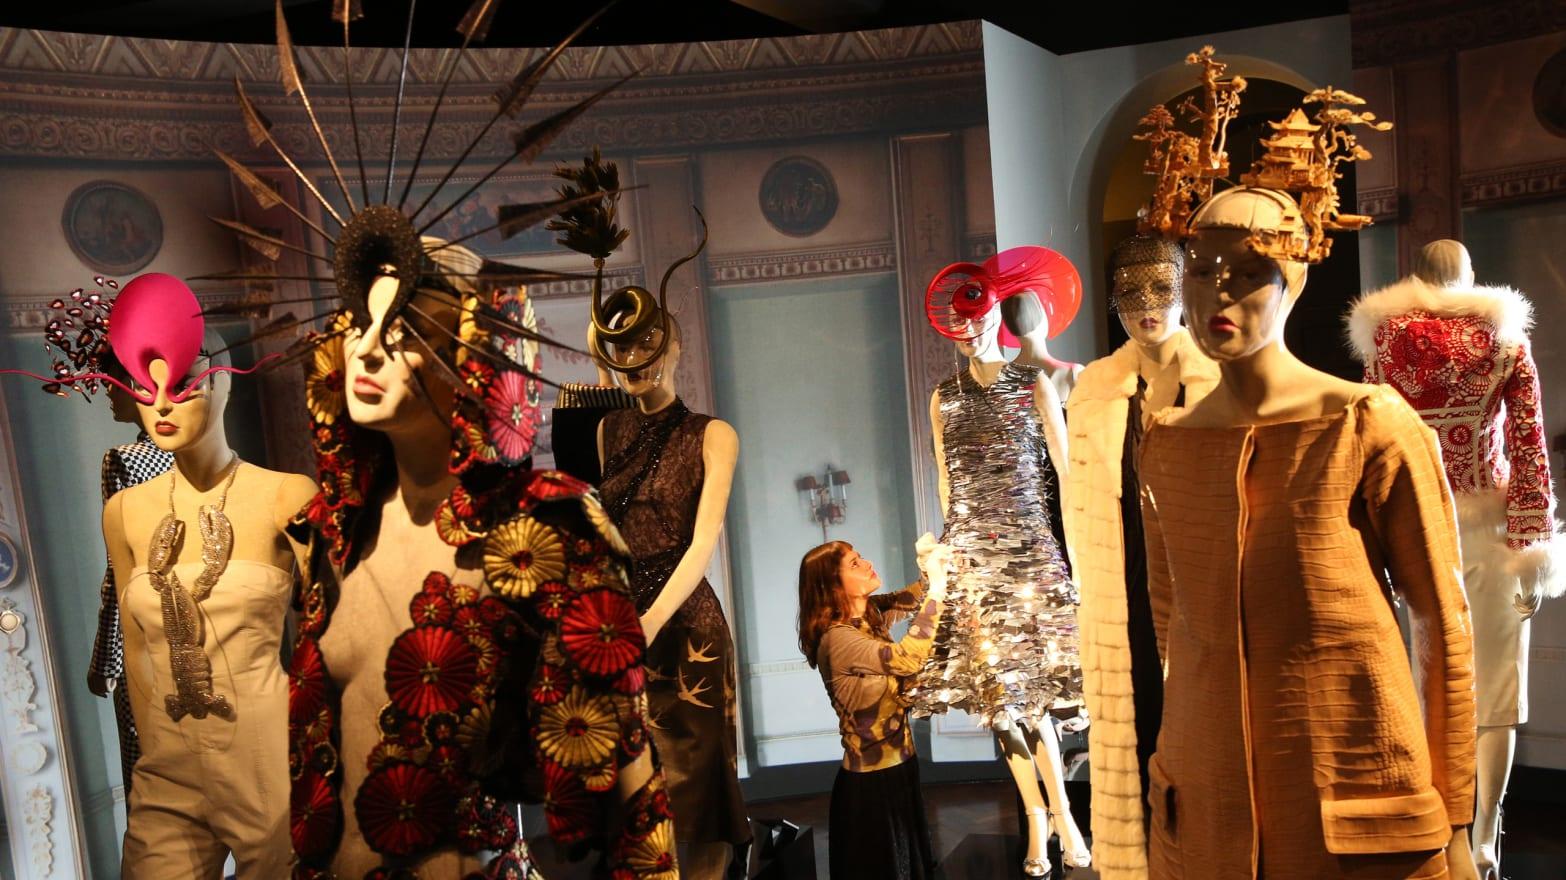 Wählen Sie für authentisch letzte Auswahl zu Füßen bei Judith Clark on Cecil Beaton's Revolutionary Fashion Exhibit